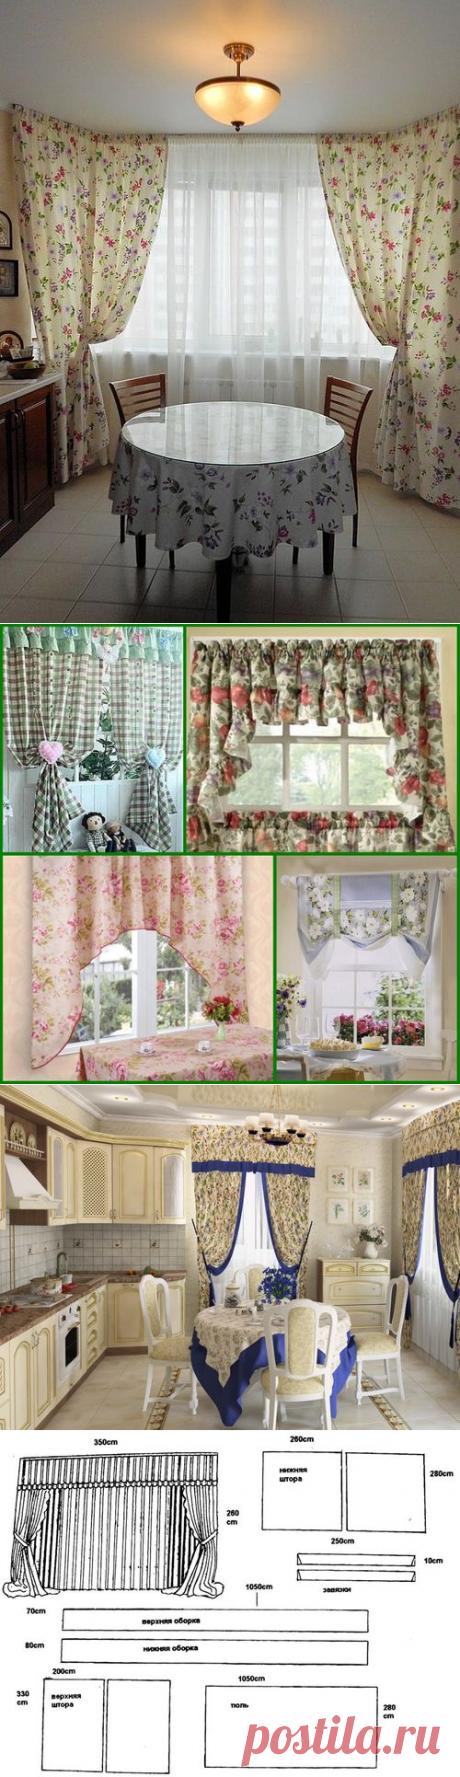 Как сшить шторы в стиле прованс для кухни своими руками: видео и фото